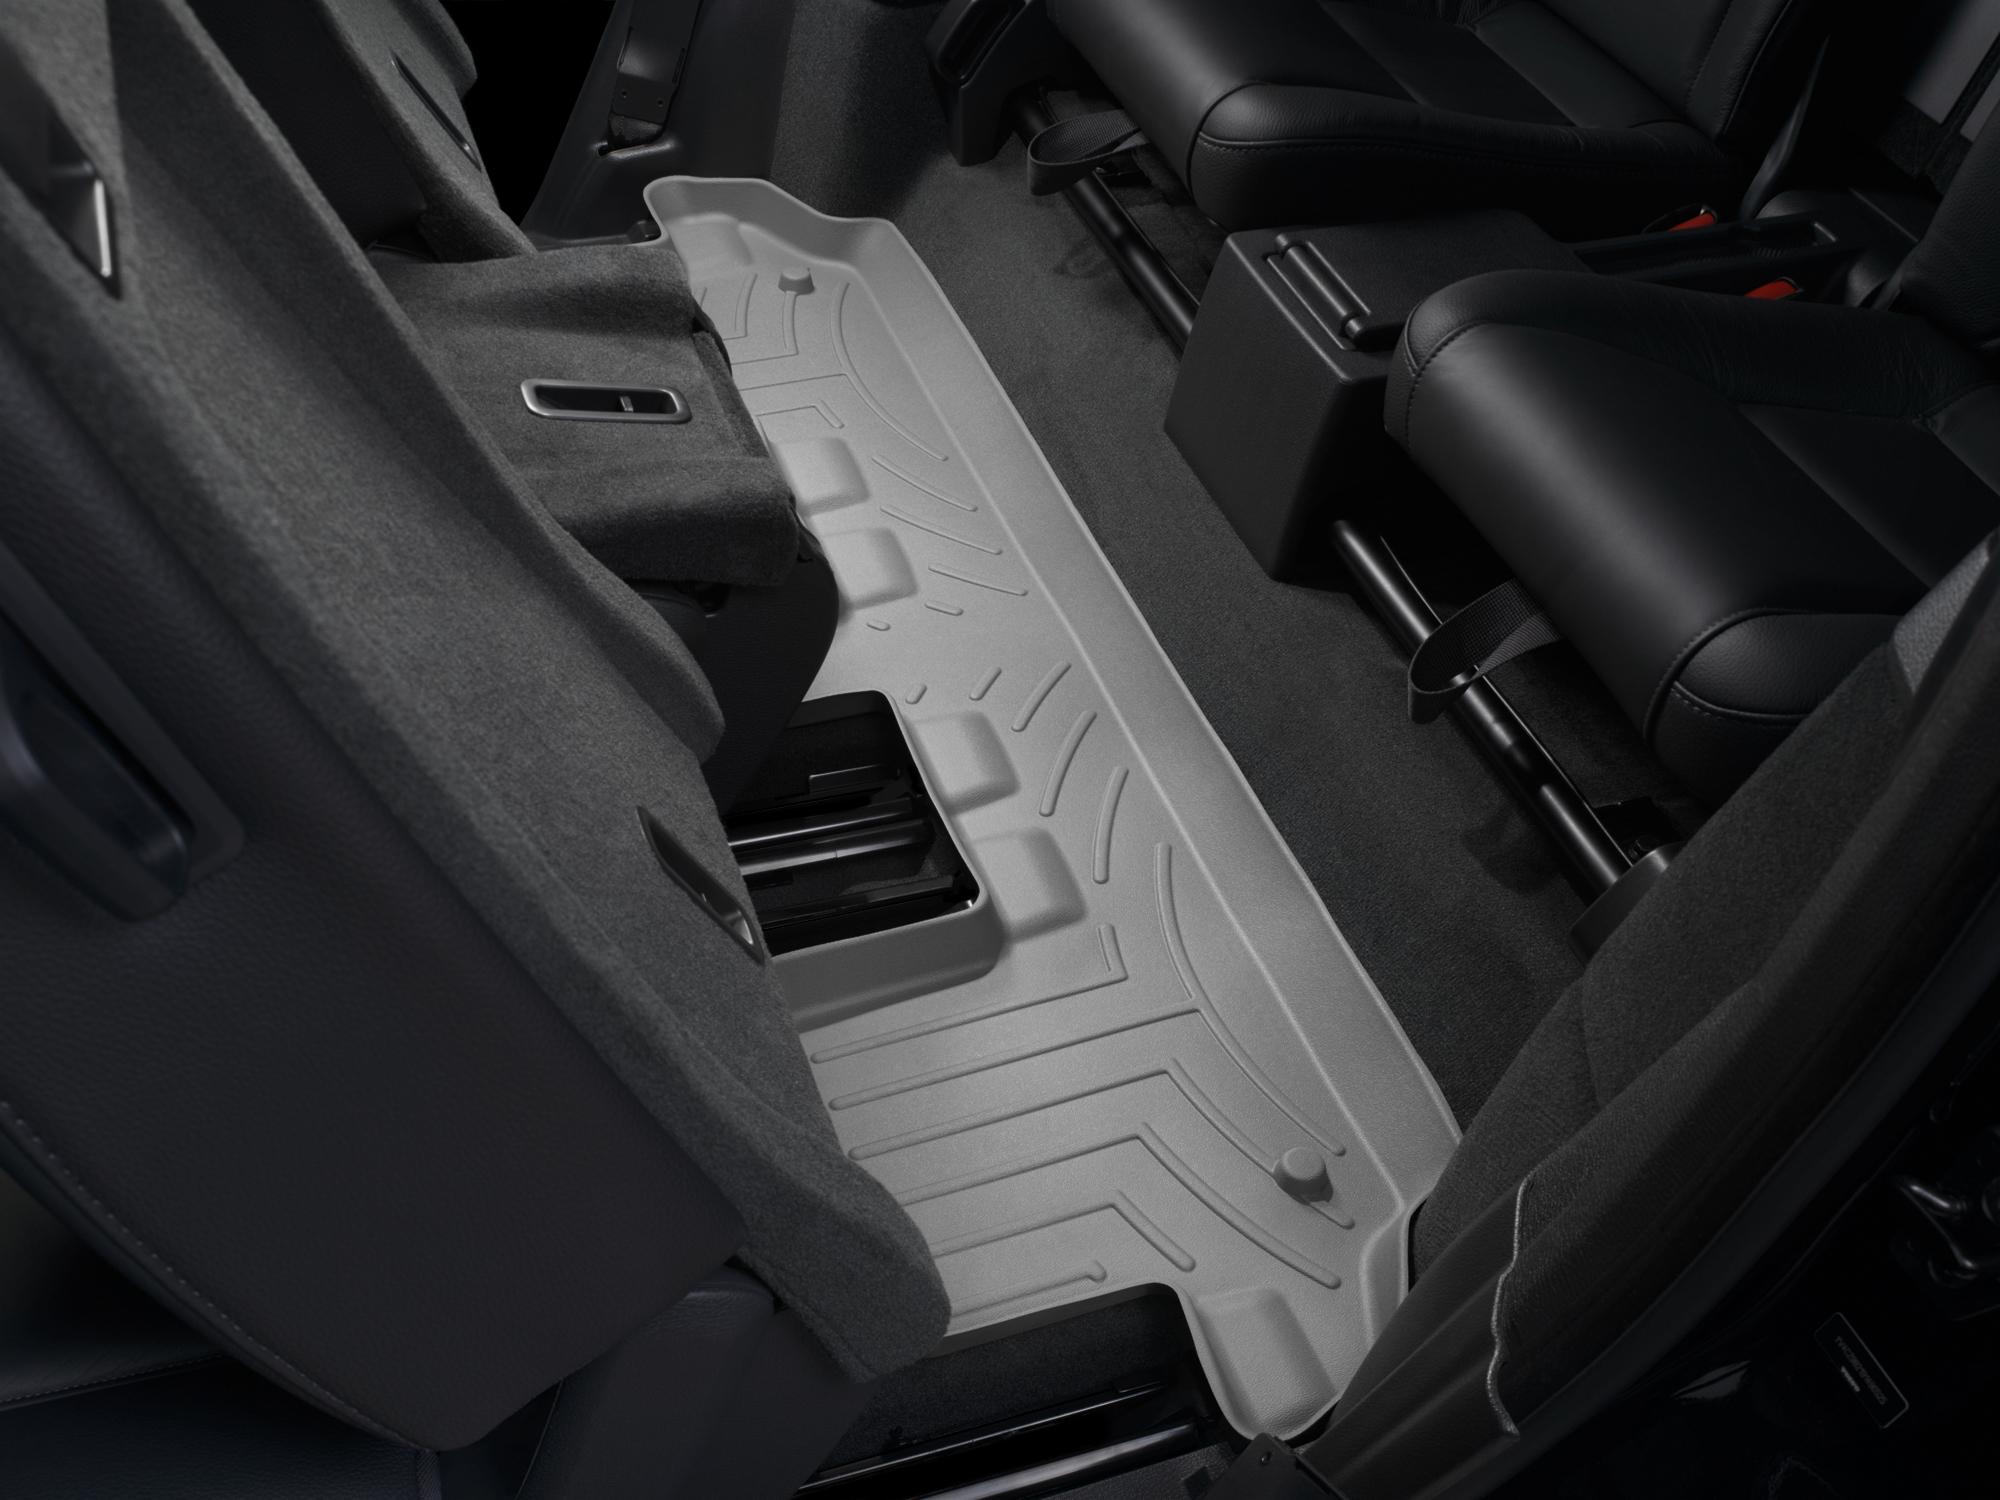 Tappeti gomma su misura bordo alto Volvo XC90 03>14 Grigio A4441*